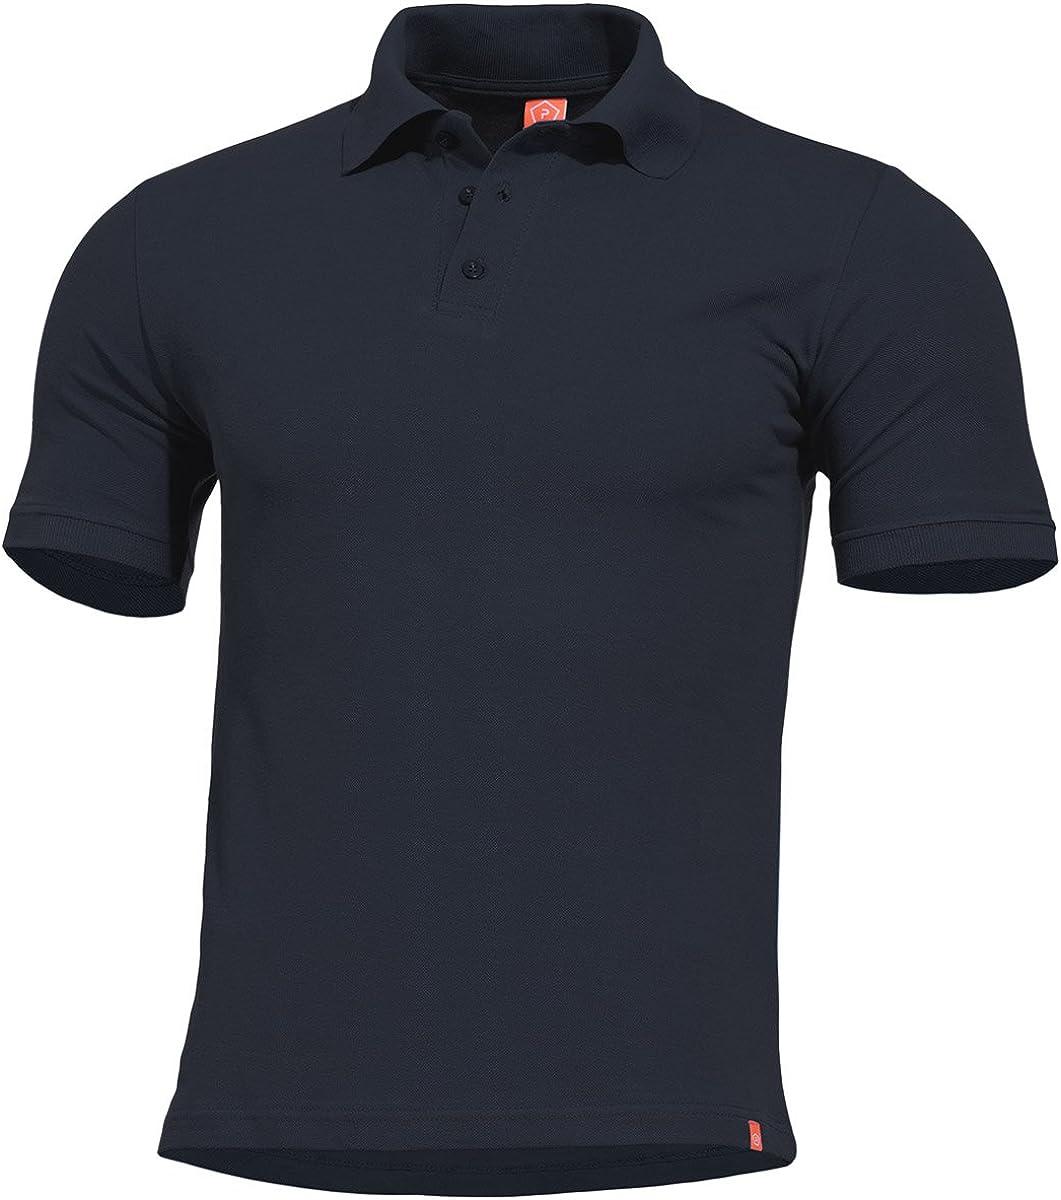 PENTAGON Polo Camiseta Sierra: Amazon.es: Ropa y accesorios